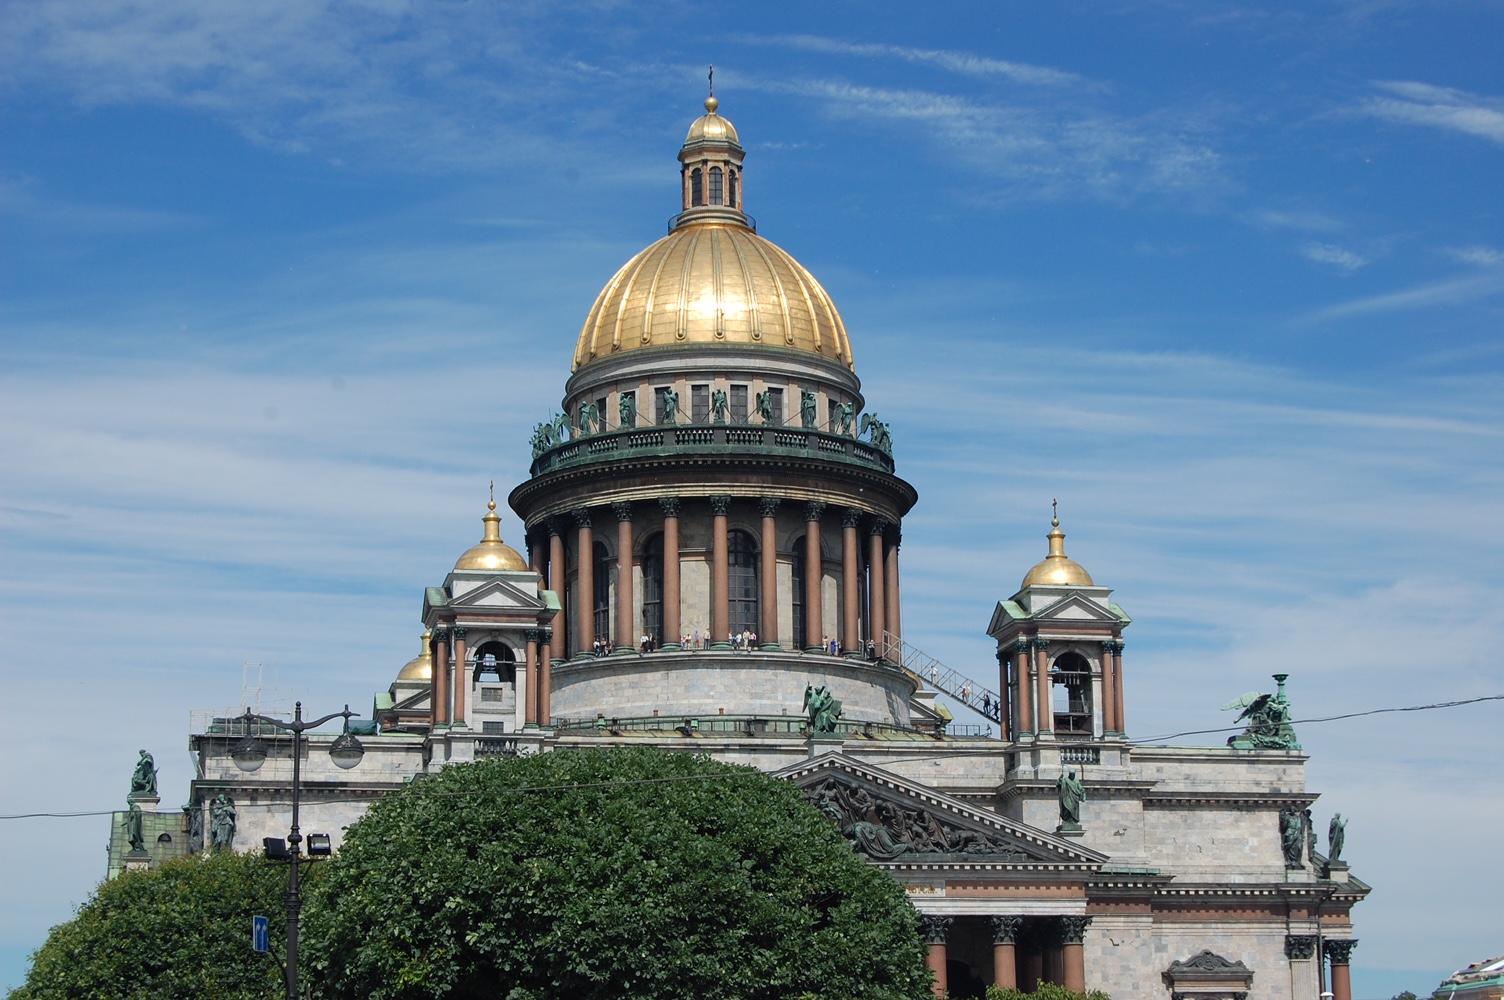 St. Petersburgda nerede yüzülecek İyi bir yer seçin 20